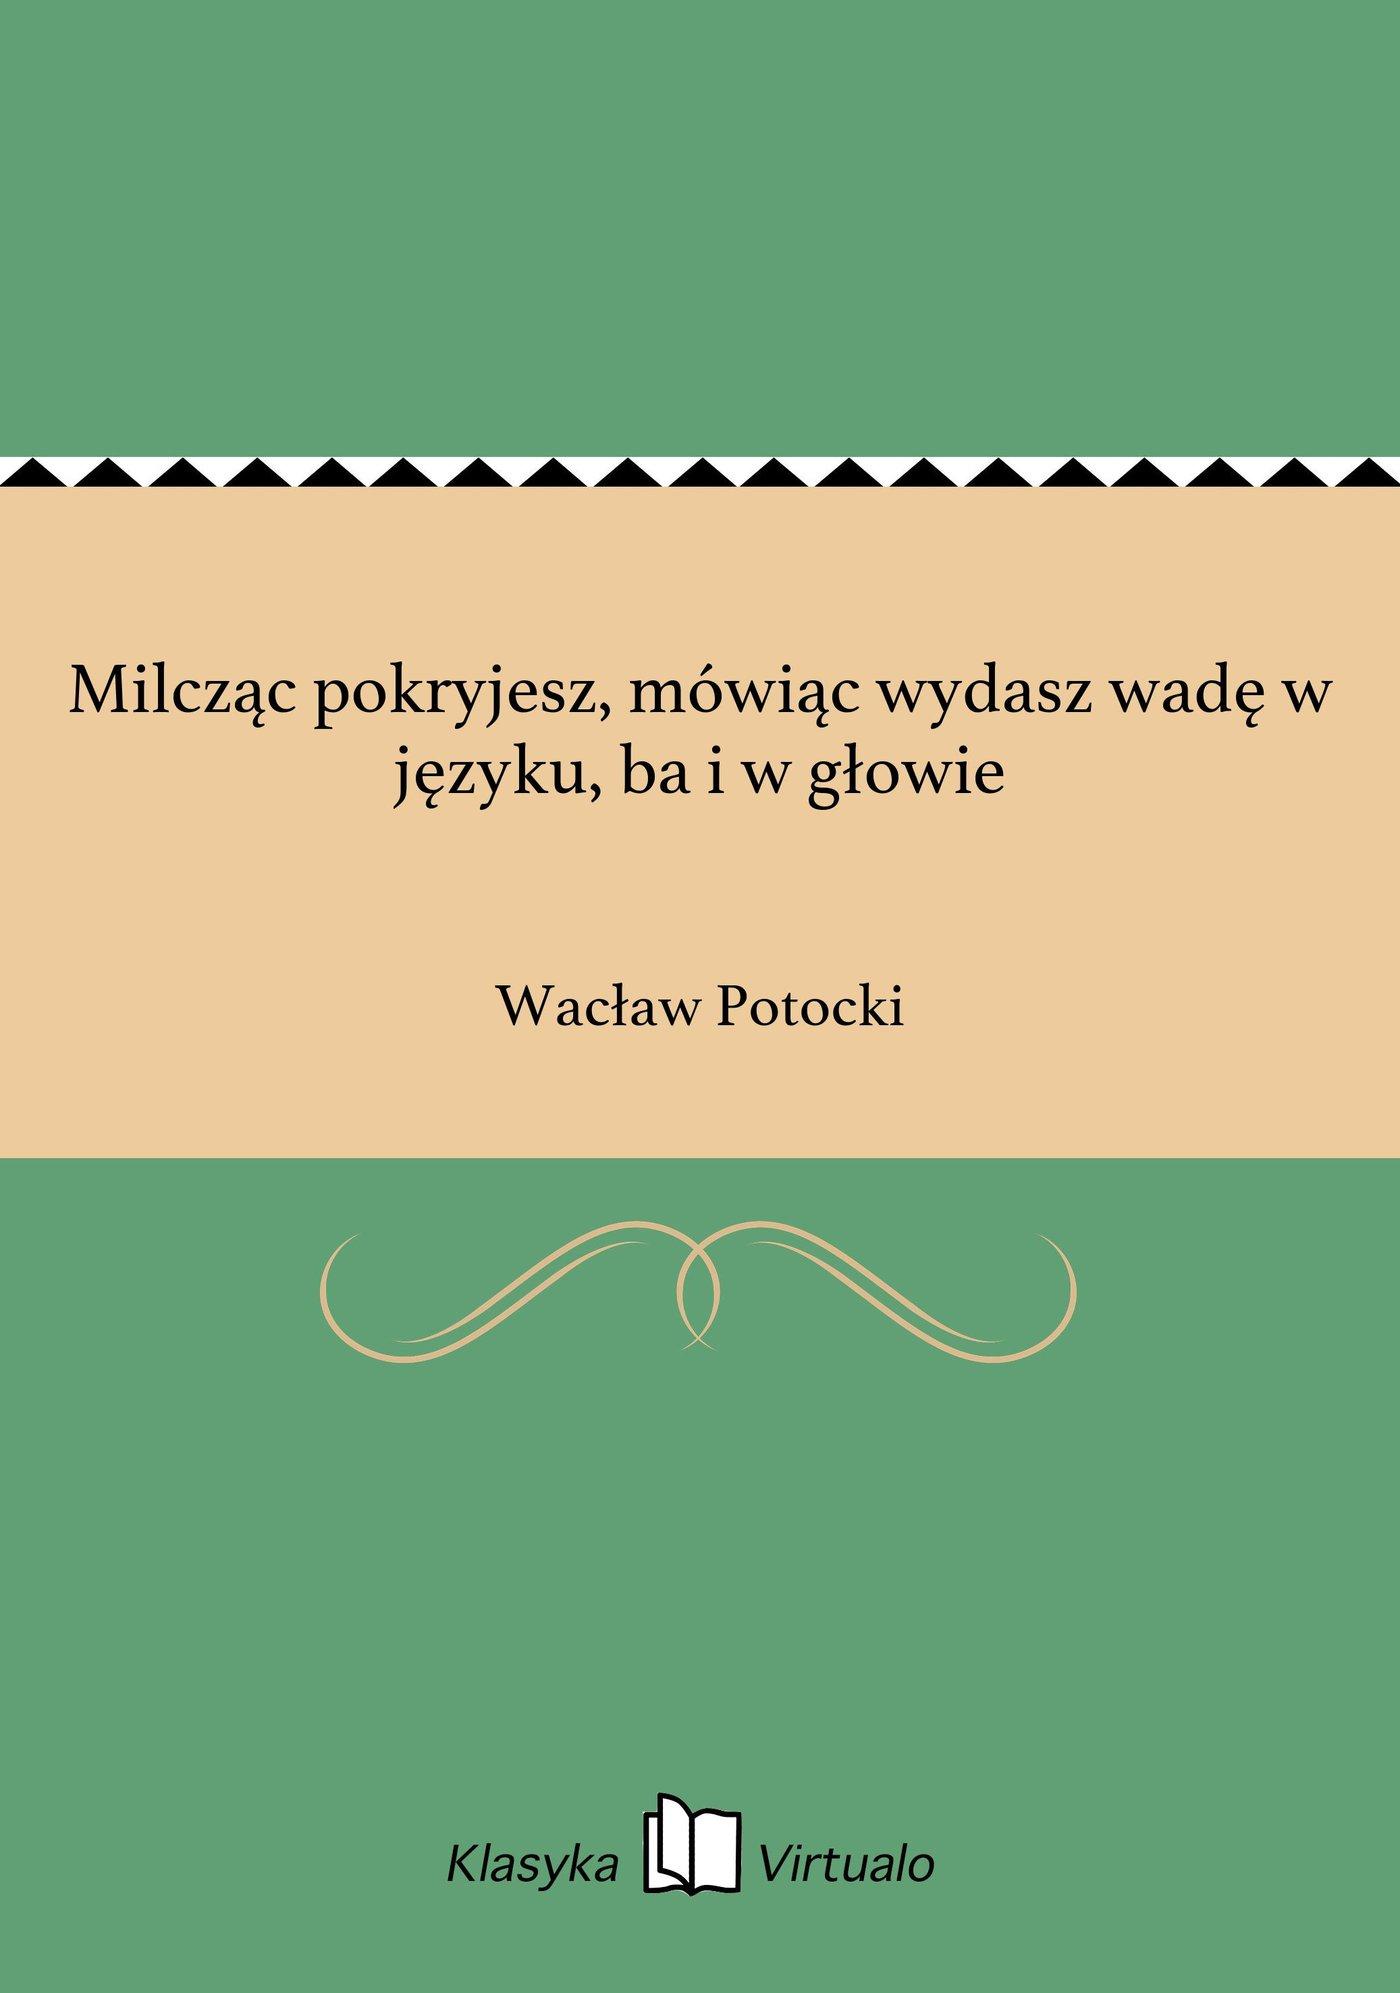 Milcząc pokryjesz, mówiąc wydasz wadę w języku, ba i w głowie - Ebook (Książka na Kindle) do pobrania w formacie MOBI